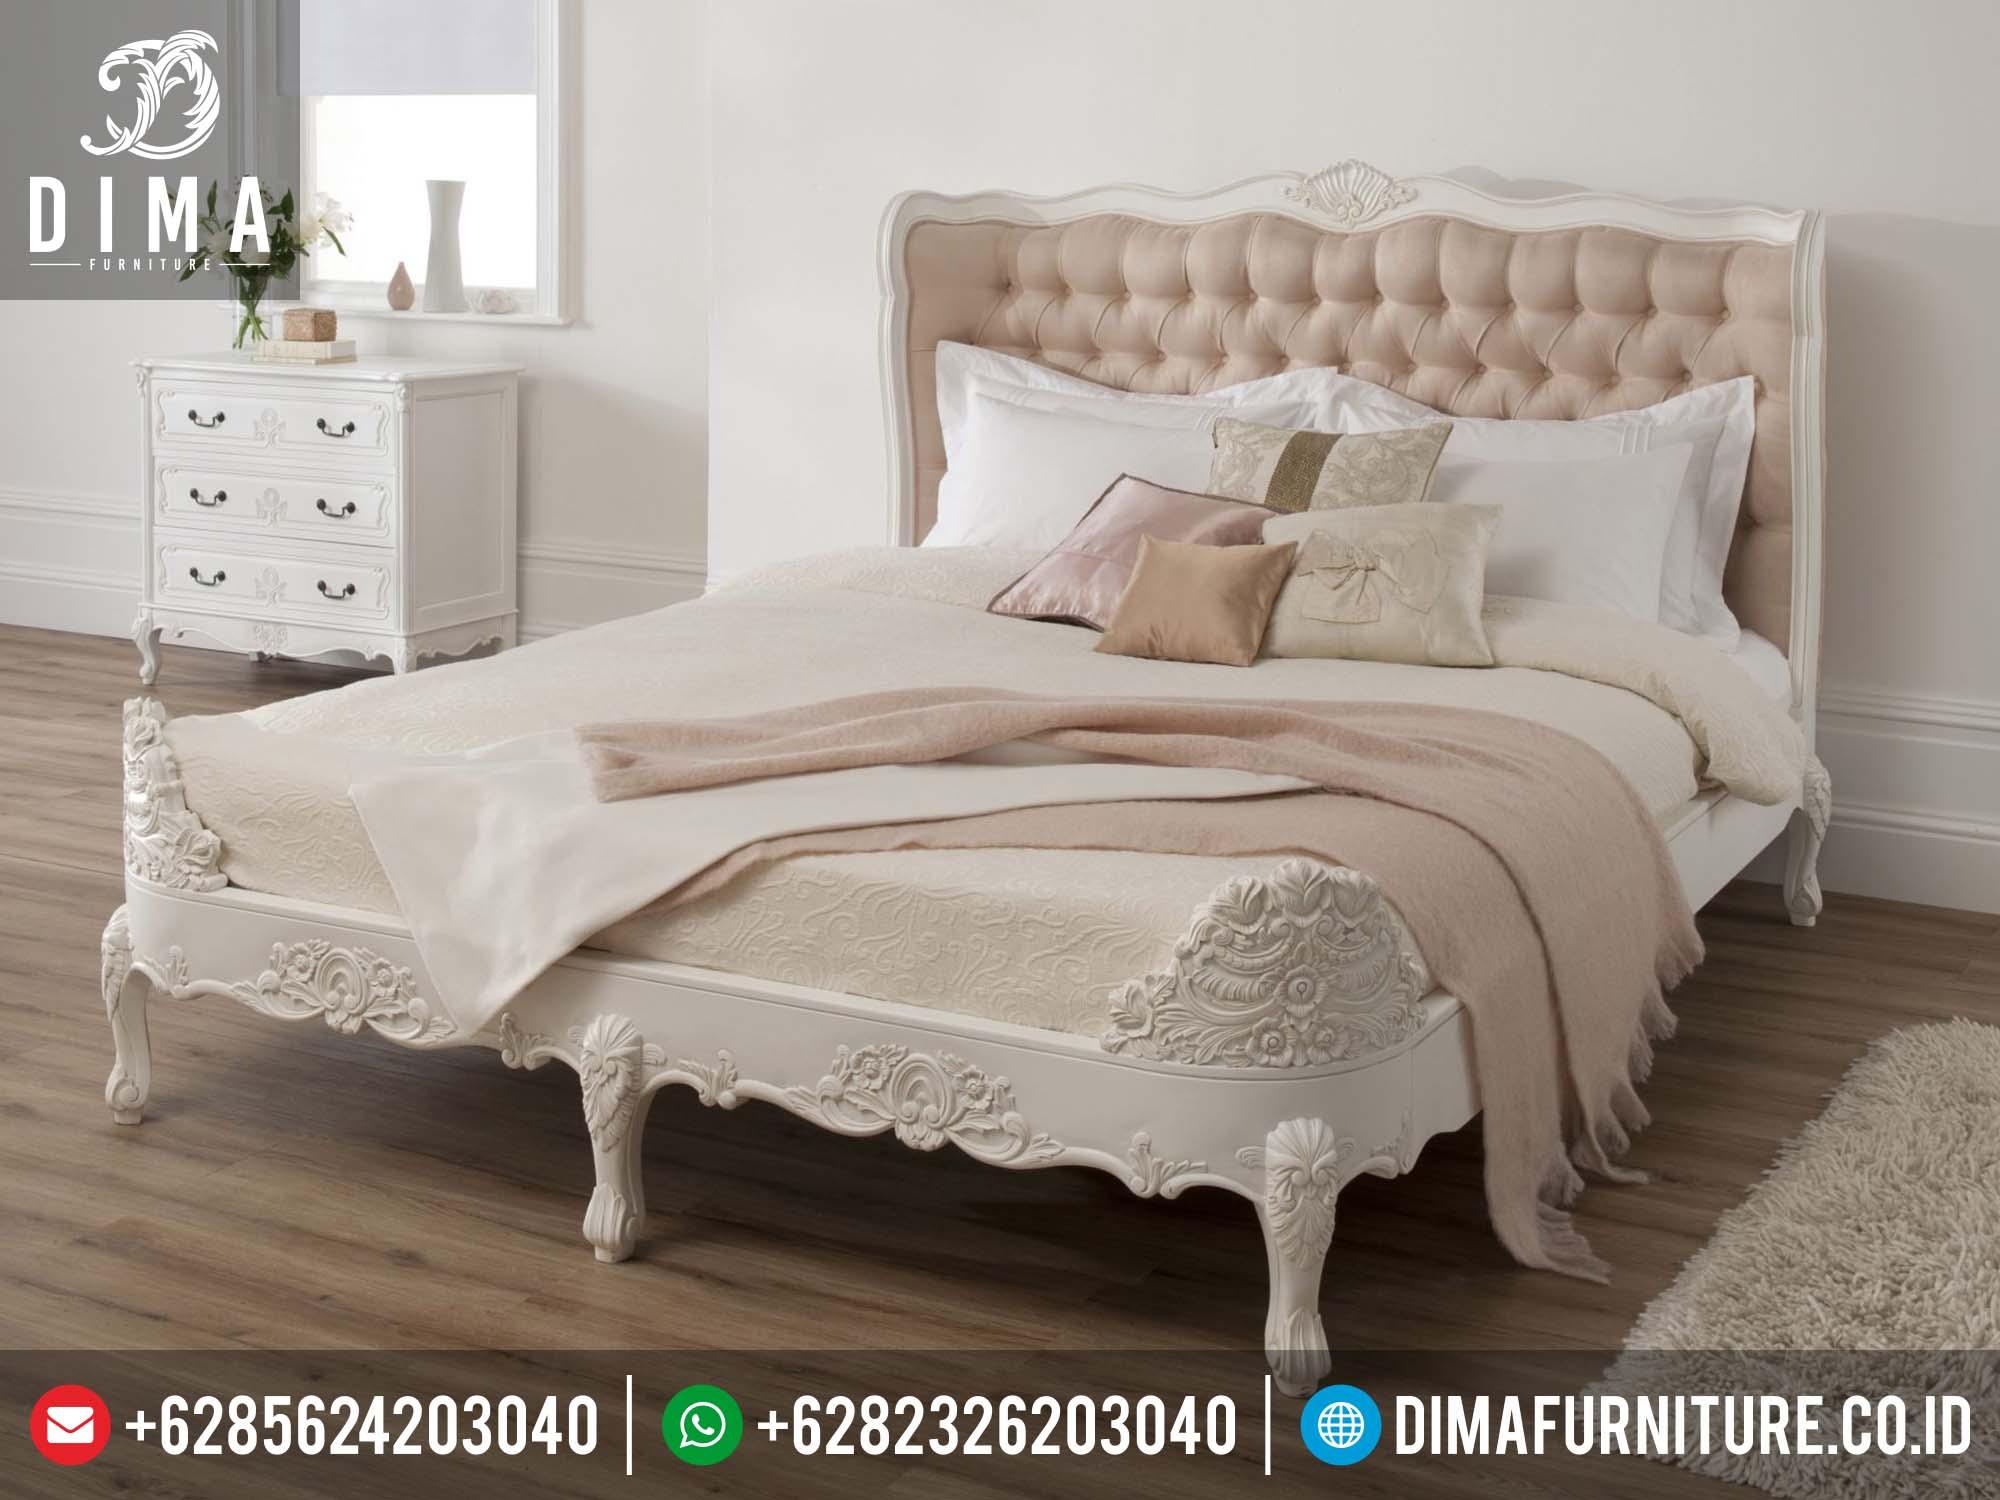 Tempat Tidur Minimalis Murah, Kamar Set Minimalis Terbaru, Set Kamar Tidur Jepara DF-0129